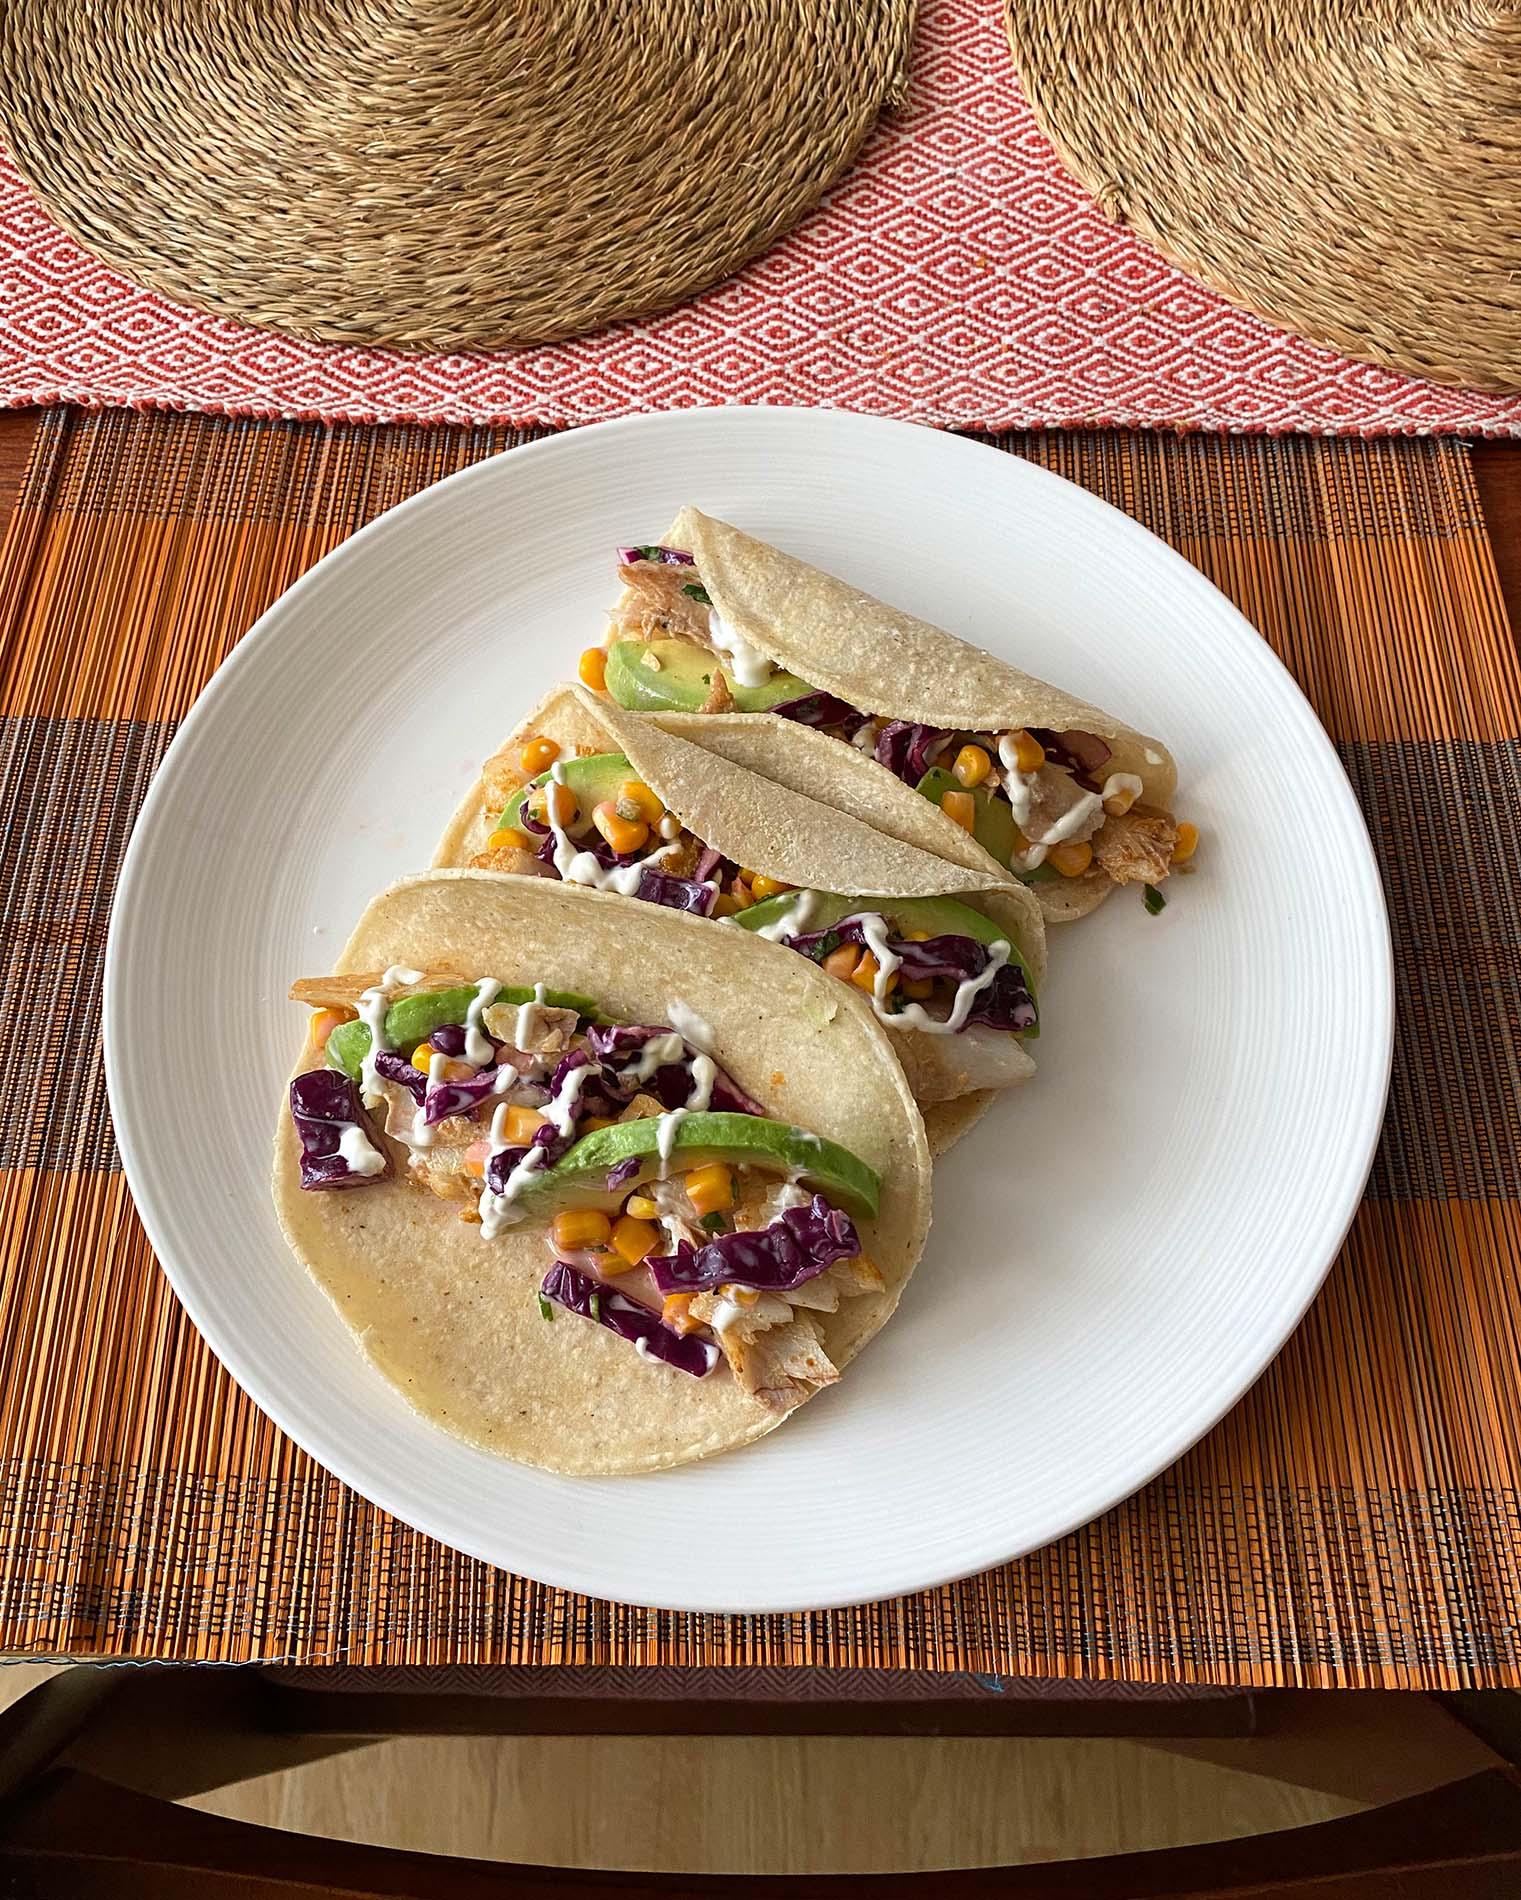 Original Fish Taco